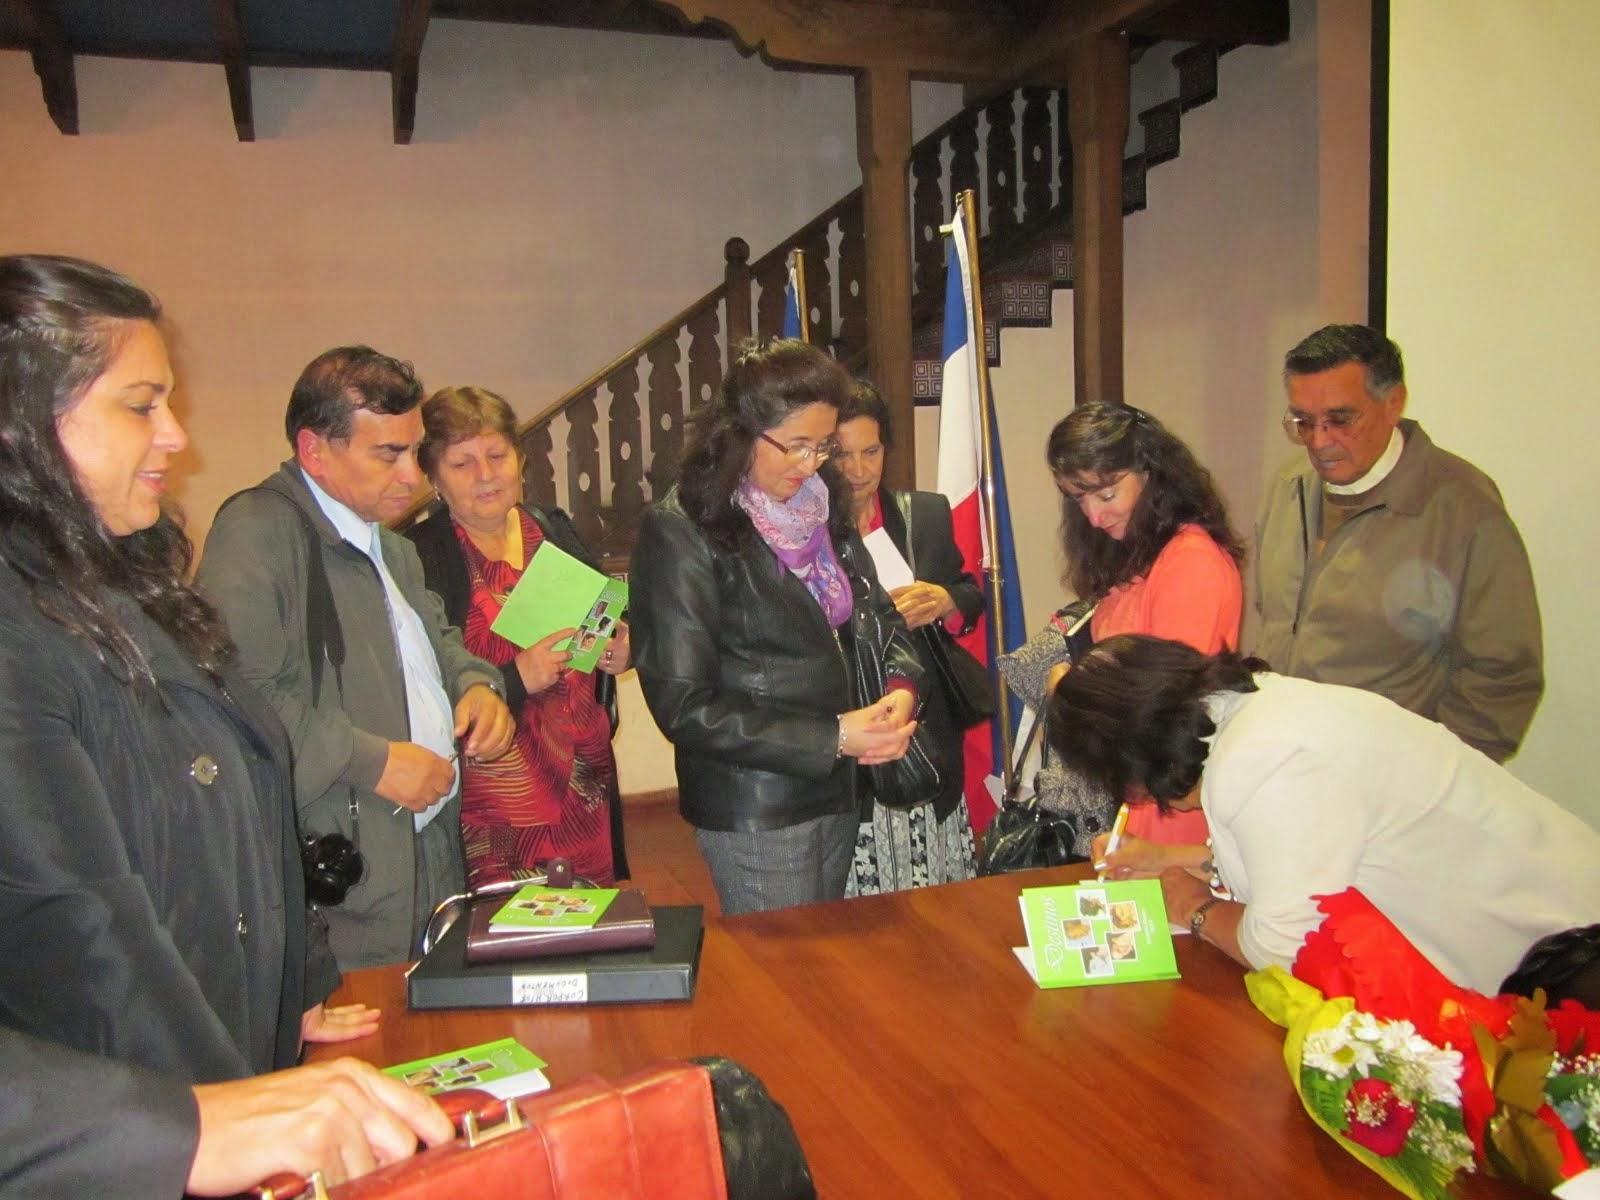 Presentación del libro Destinos en Chillán Viejo